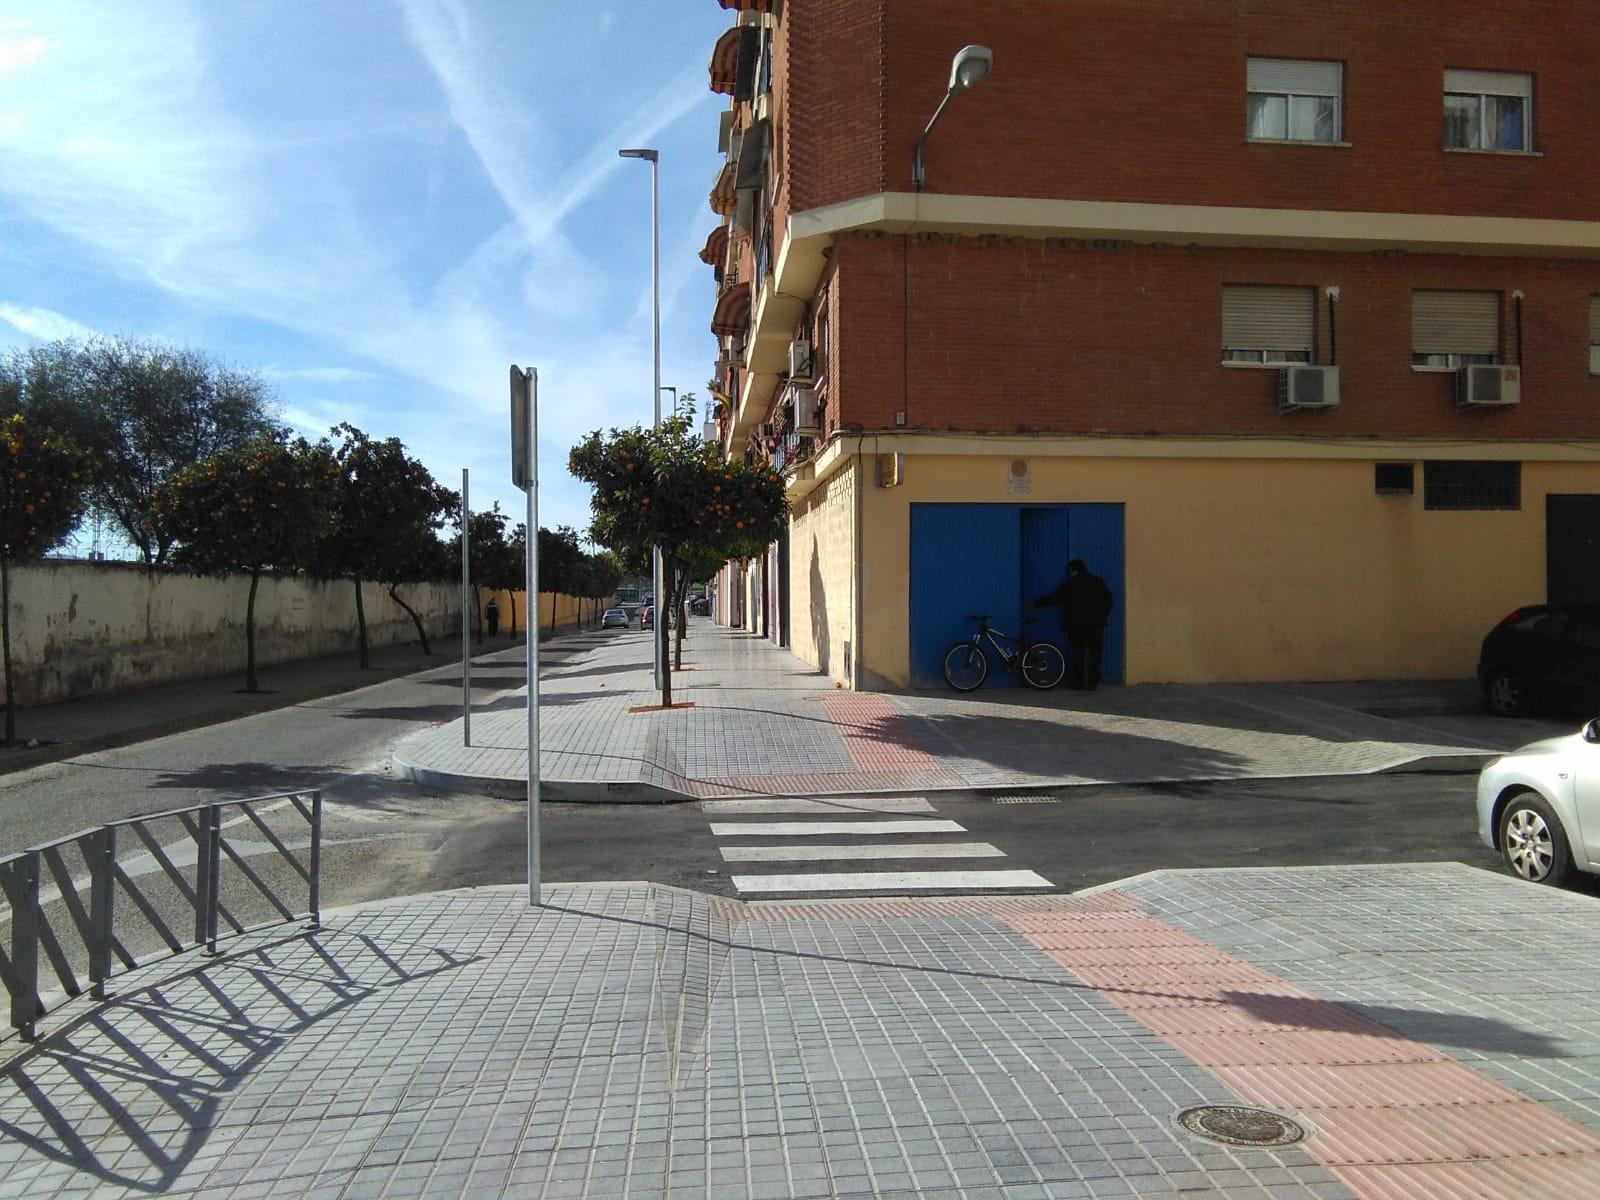 El Ayuntamiento ahorrará 119.034 en gastos de mantenimiento gracias a la actuación en Periodista Ricardo Rodríguez